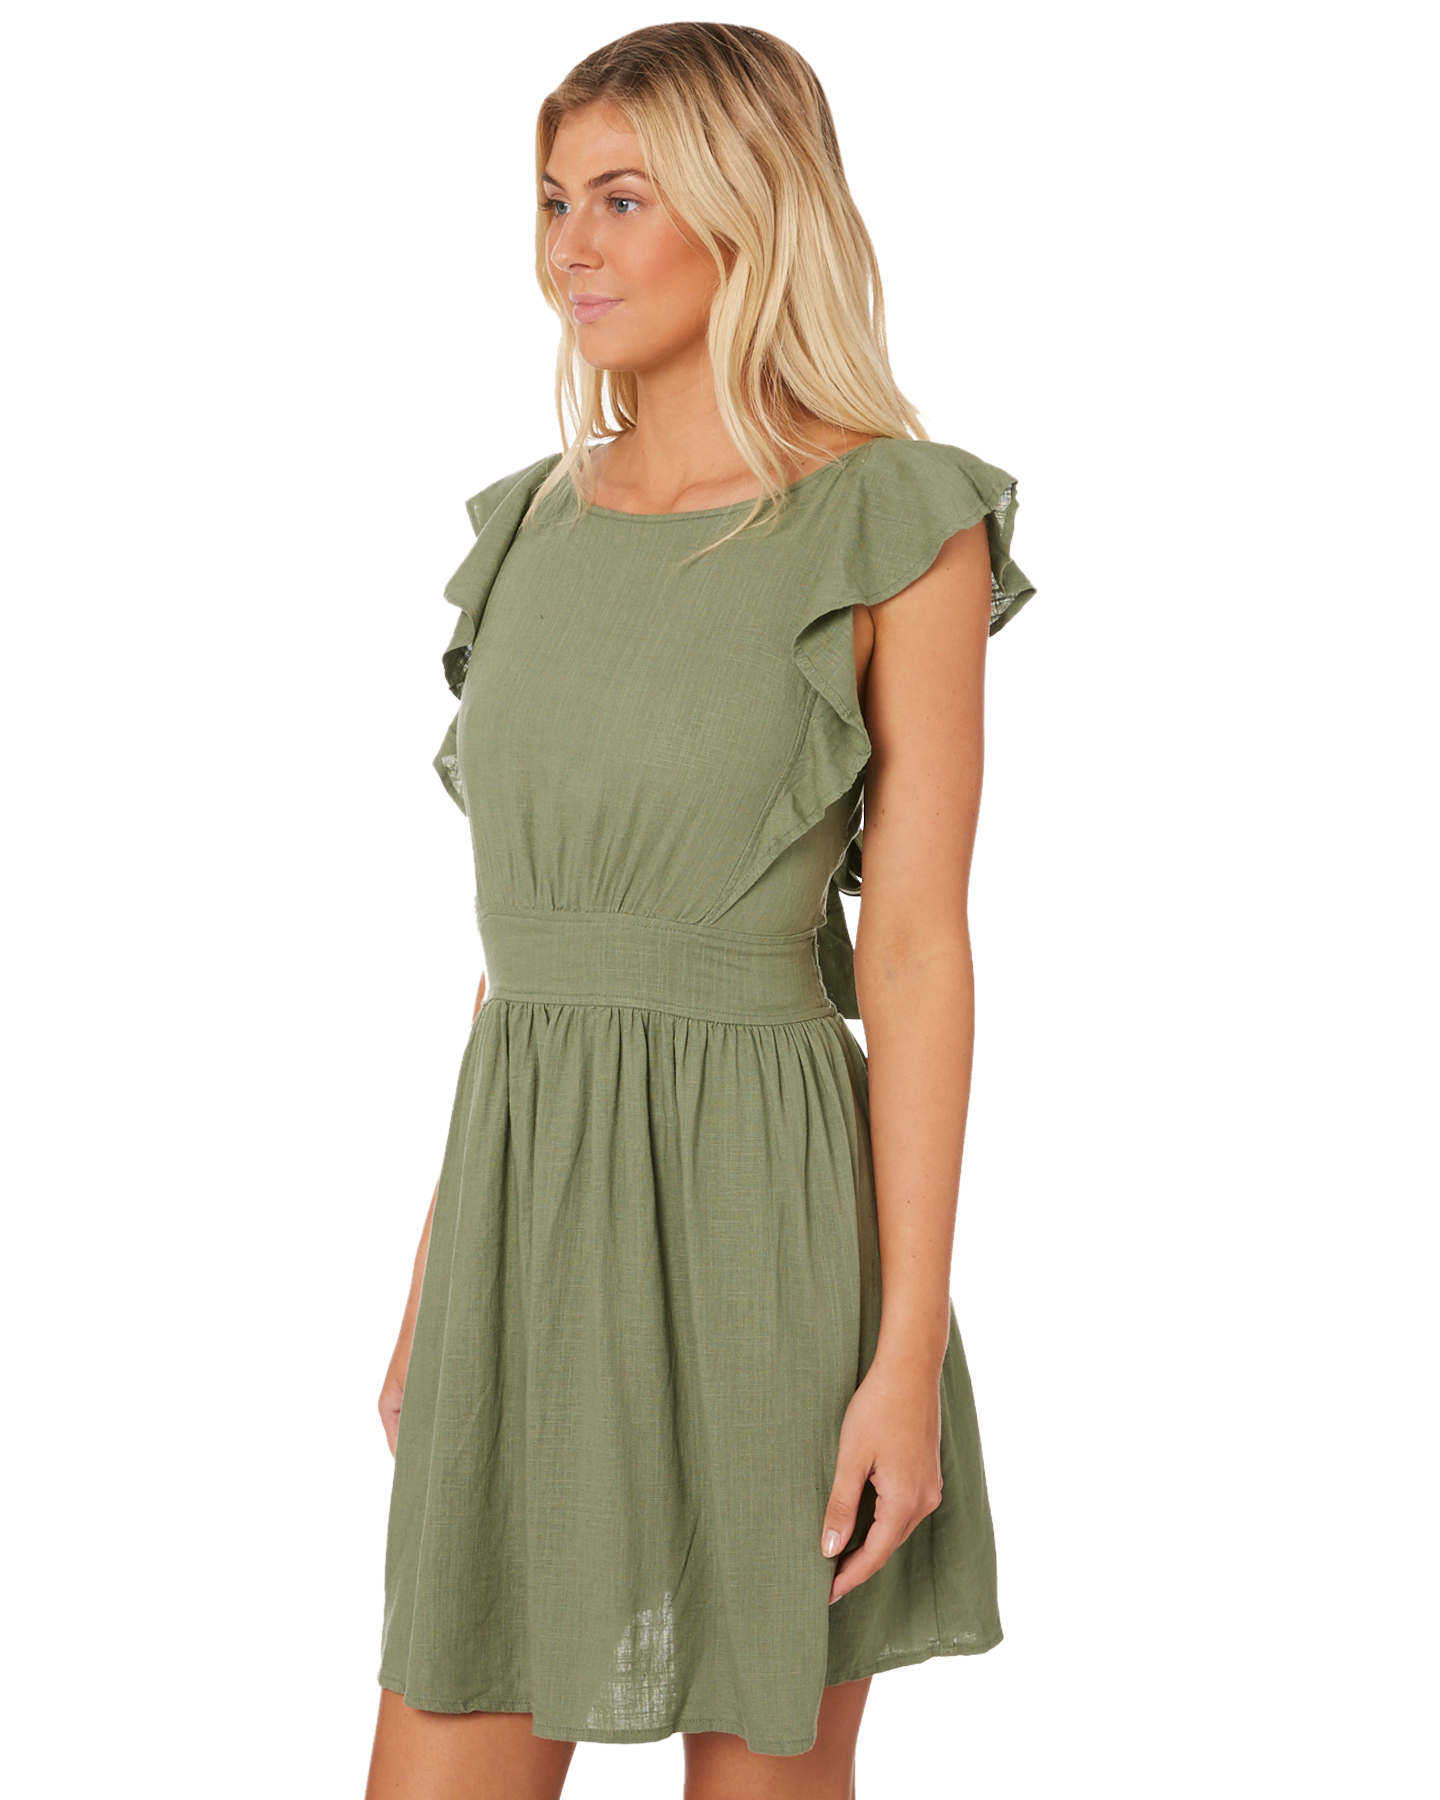 5b643c8971 Sass Women s Beach Babe Dress Linen Green 9328027749964